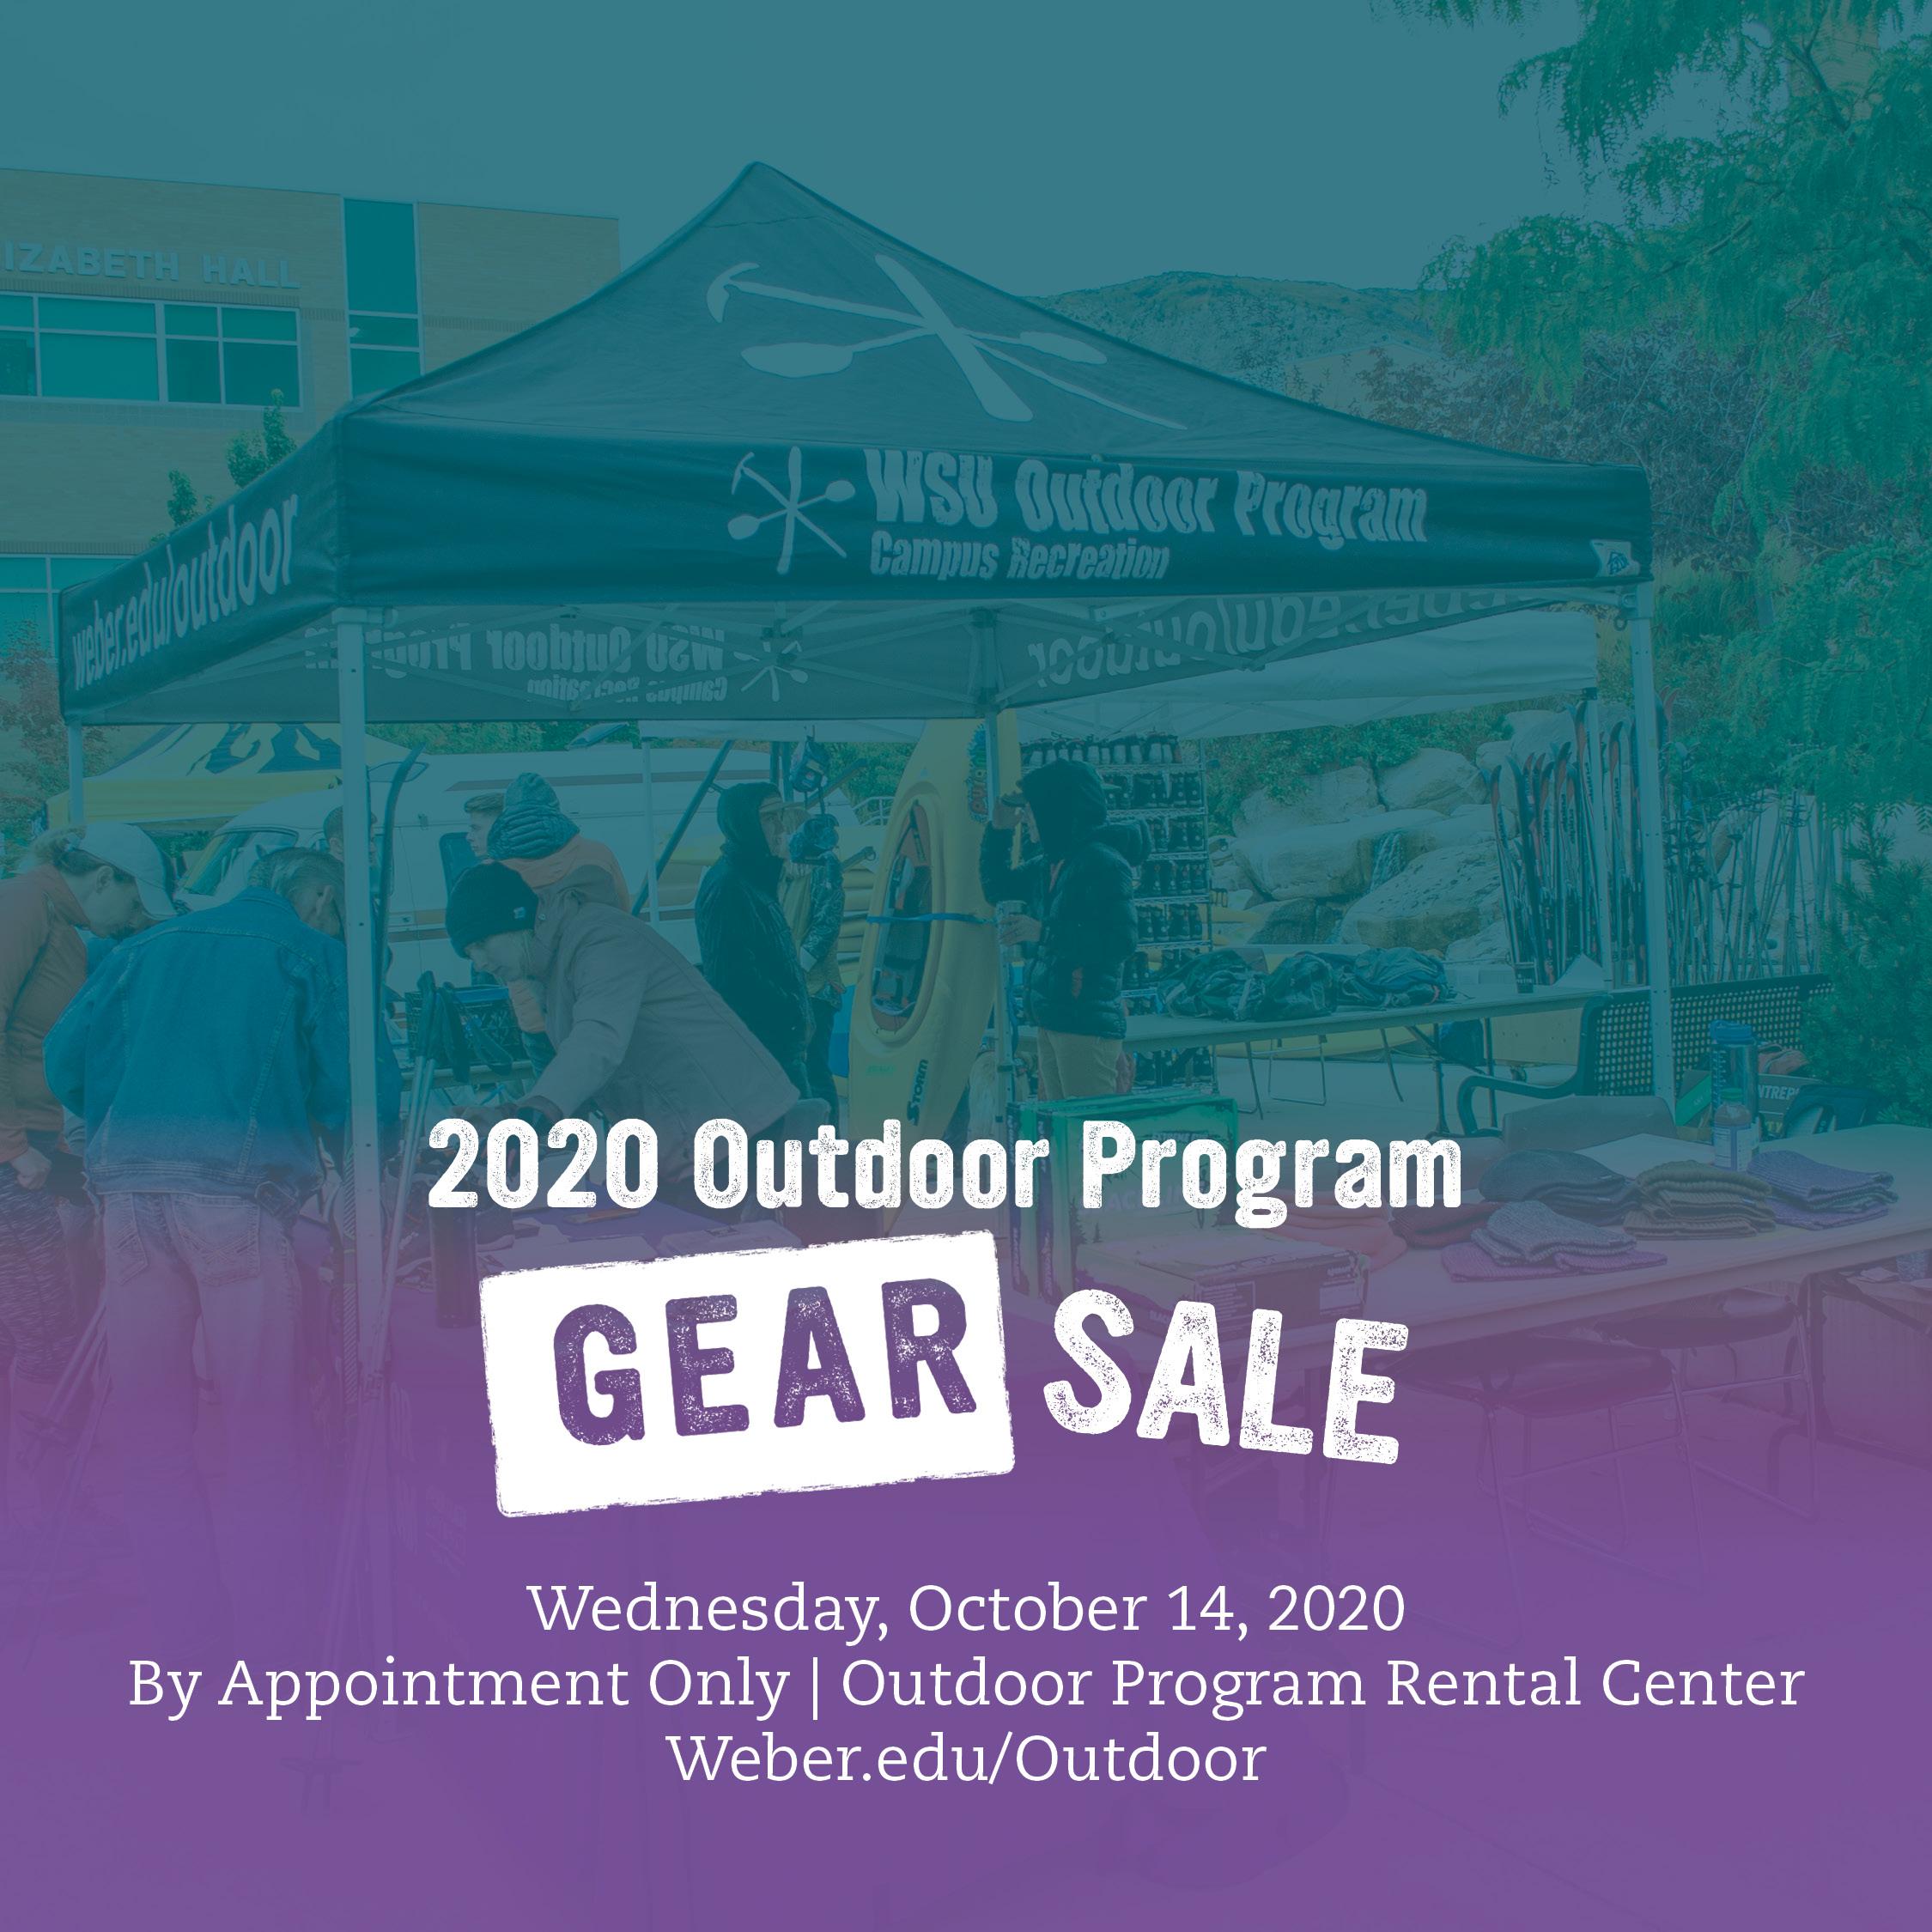 gear sale